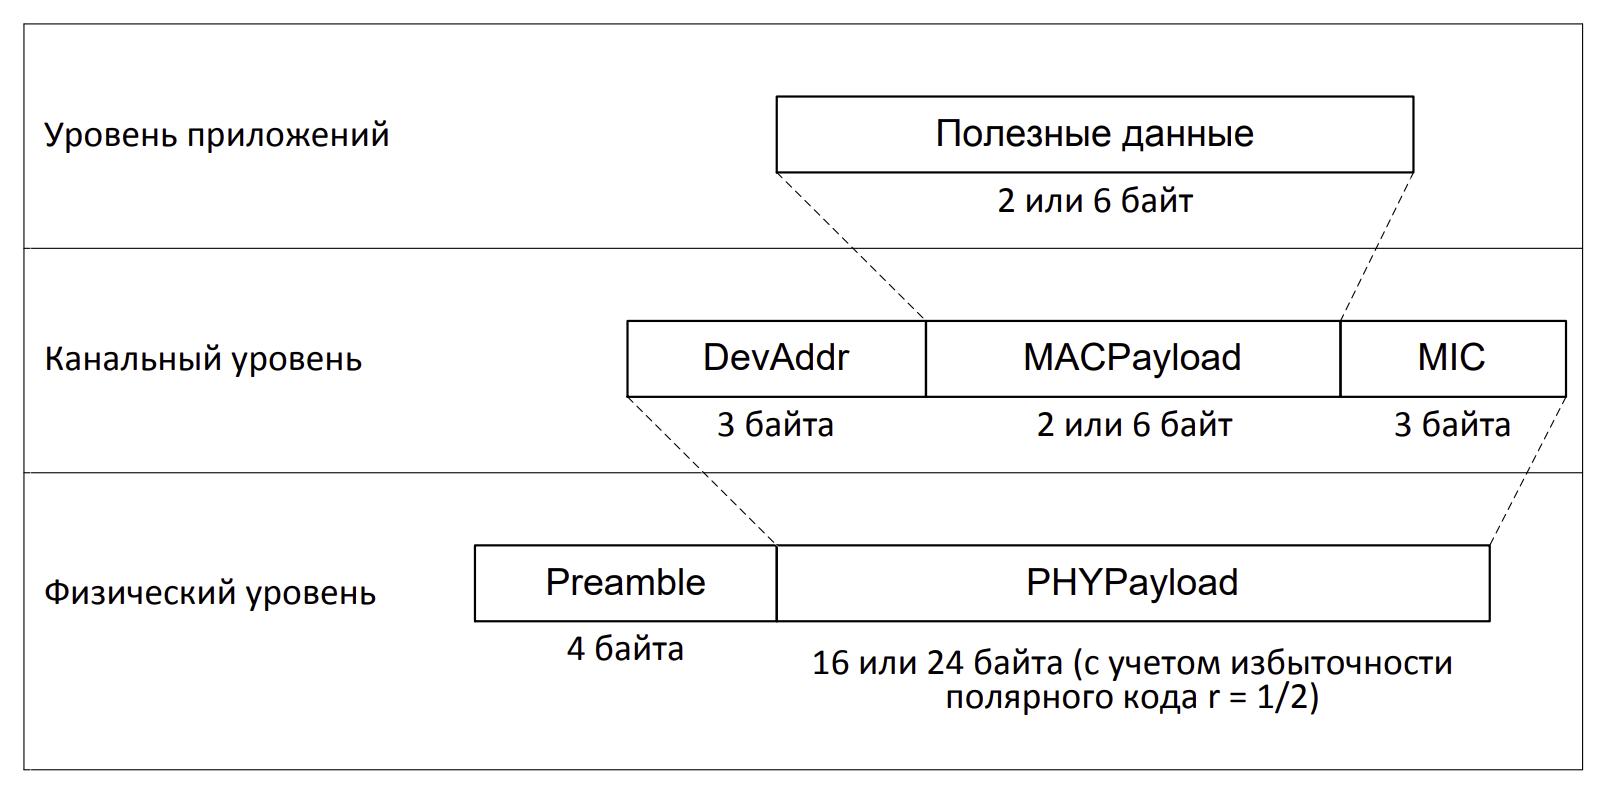 Интернет вещей по-русски. Канальный уровень OpenUNB. Общие положения и адресация устройств